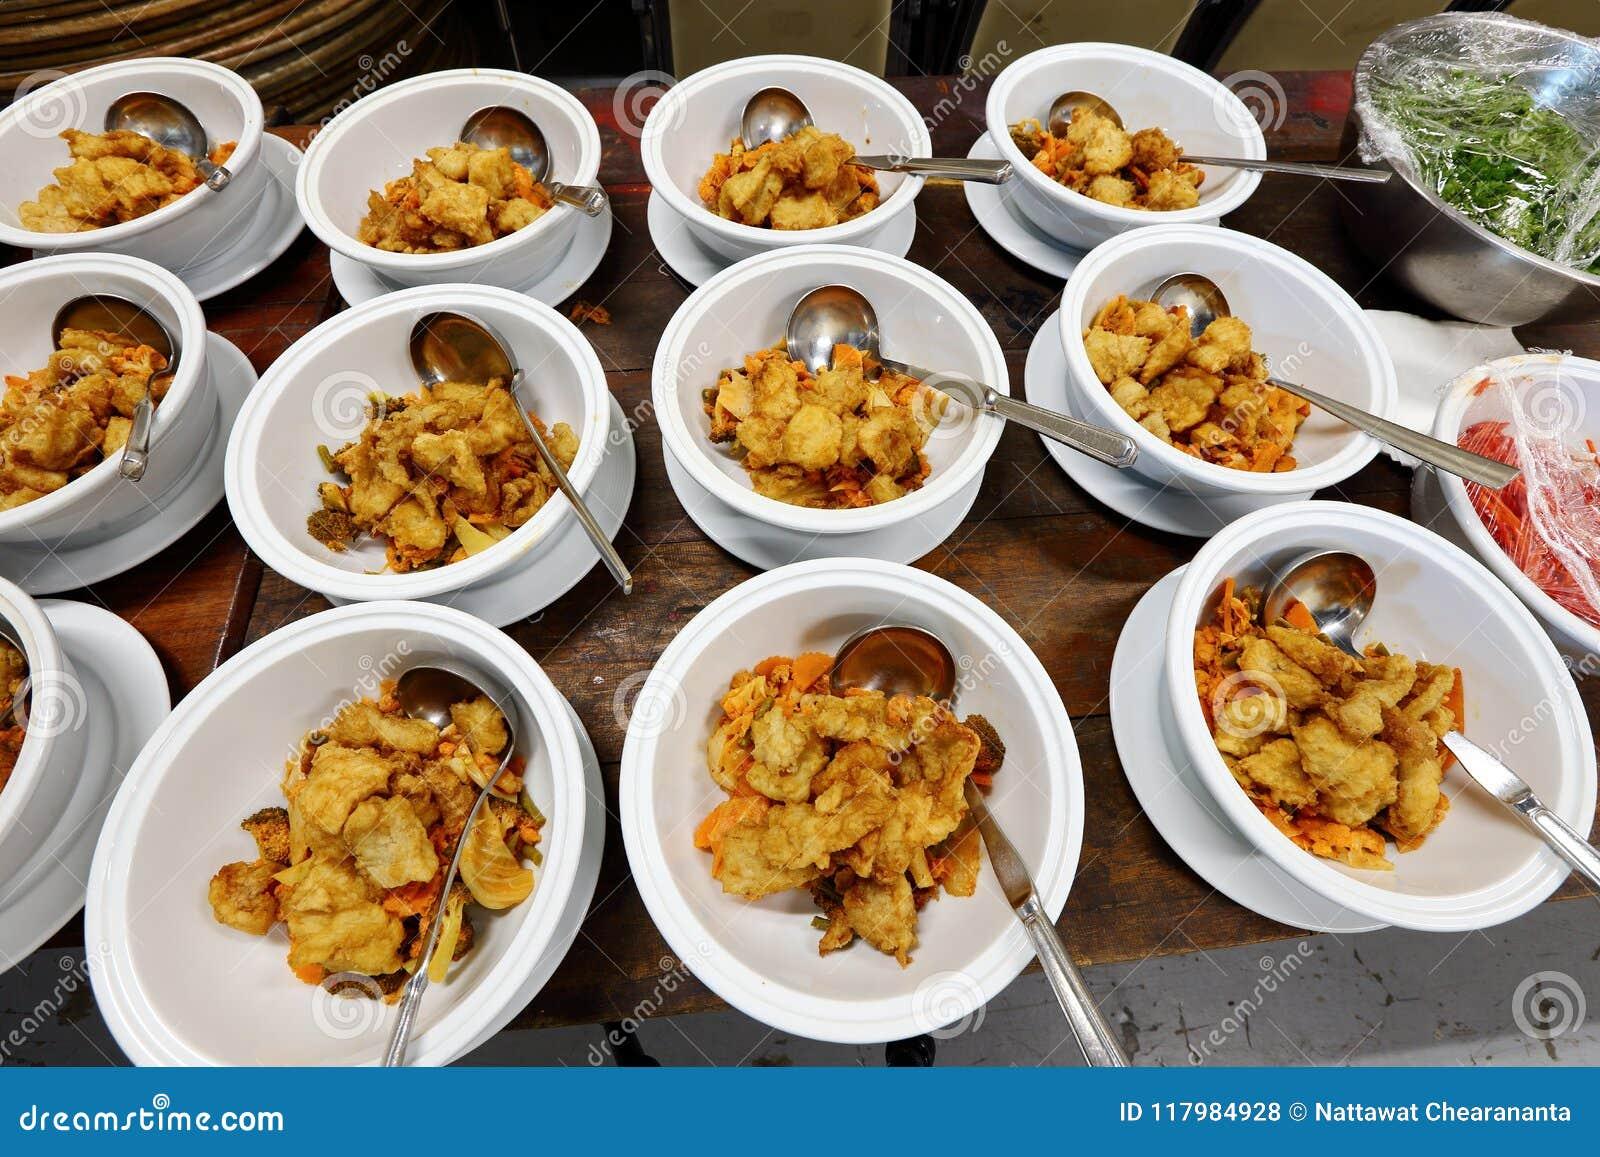 Σύνολο ομάδας ασιατικού γεύματος τροφίμων έτοιμου να εξυπηρετήσει στον πίνακα στο BA